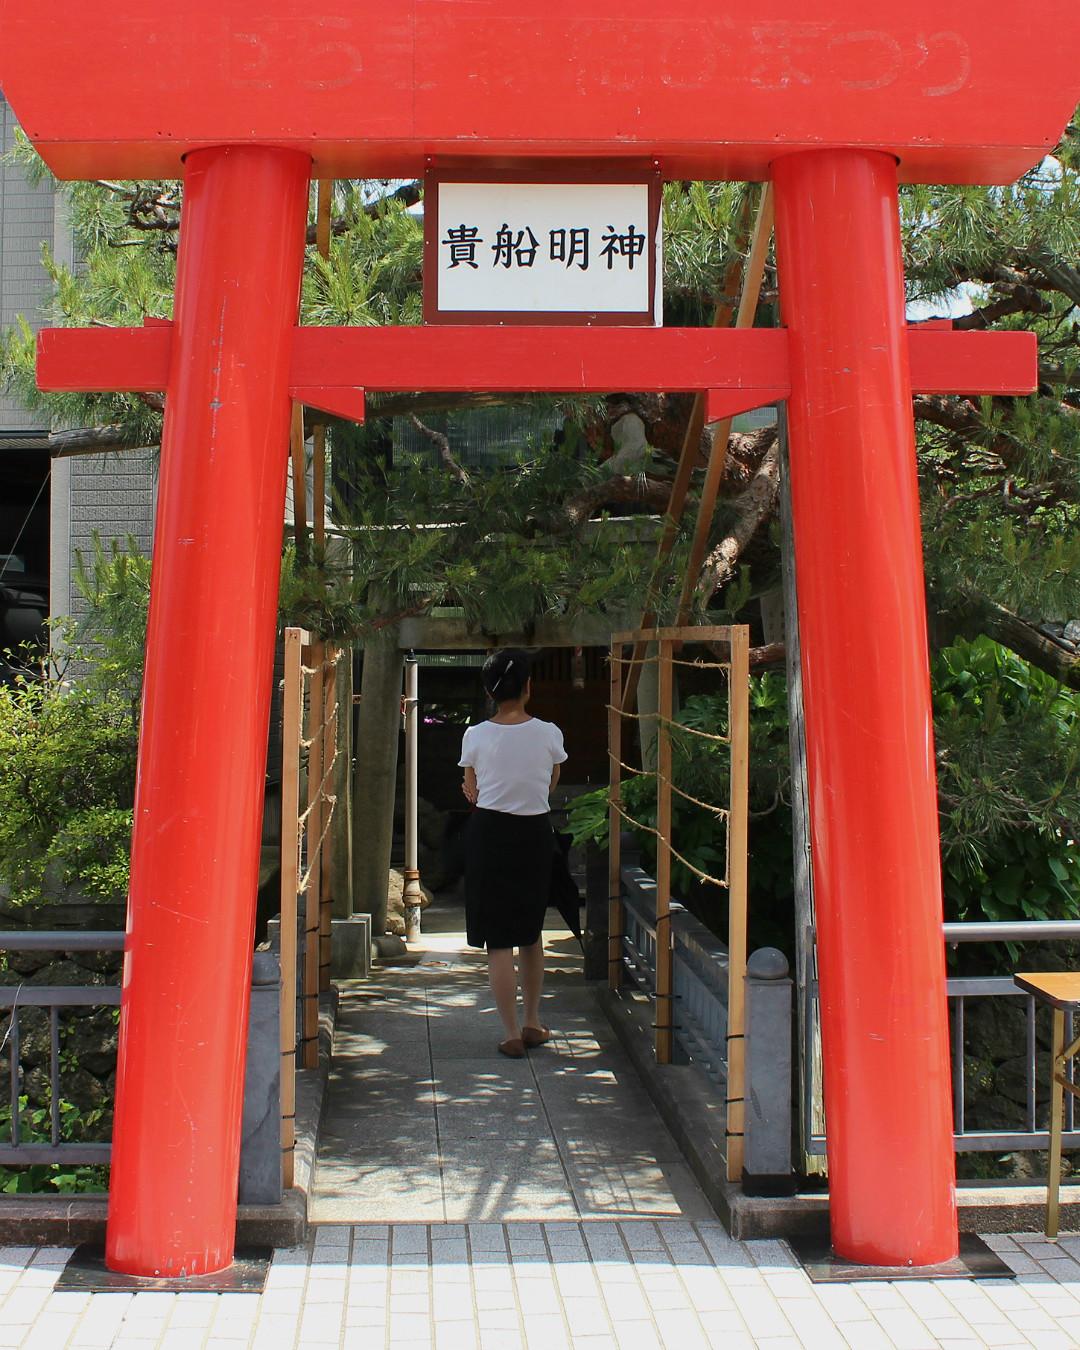 Temporary torii gate at Seseragi Street's shrine in Kanazawa Japan